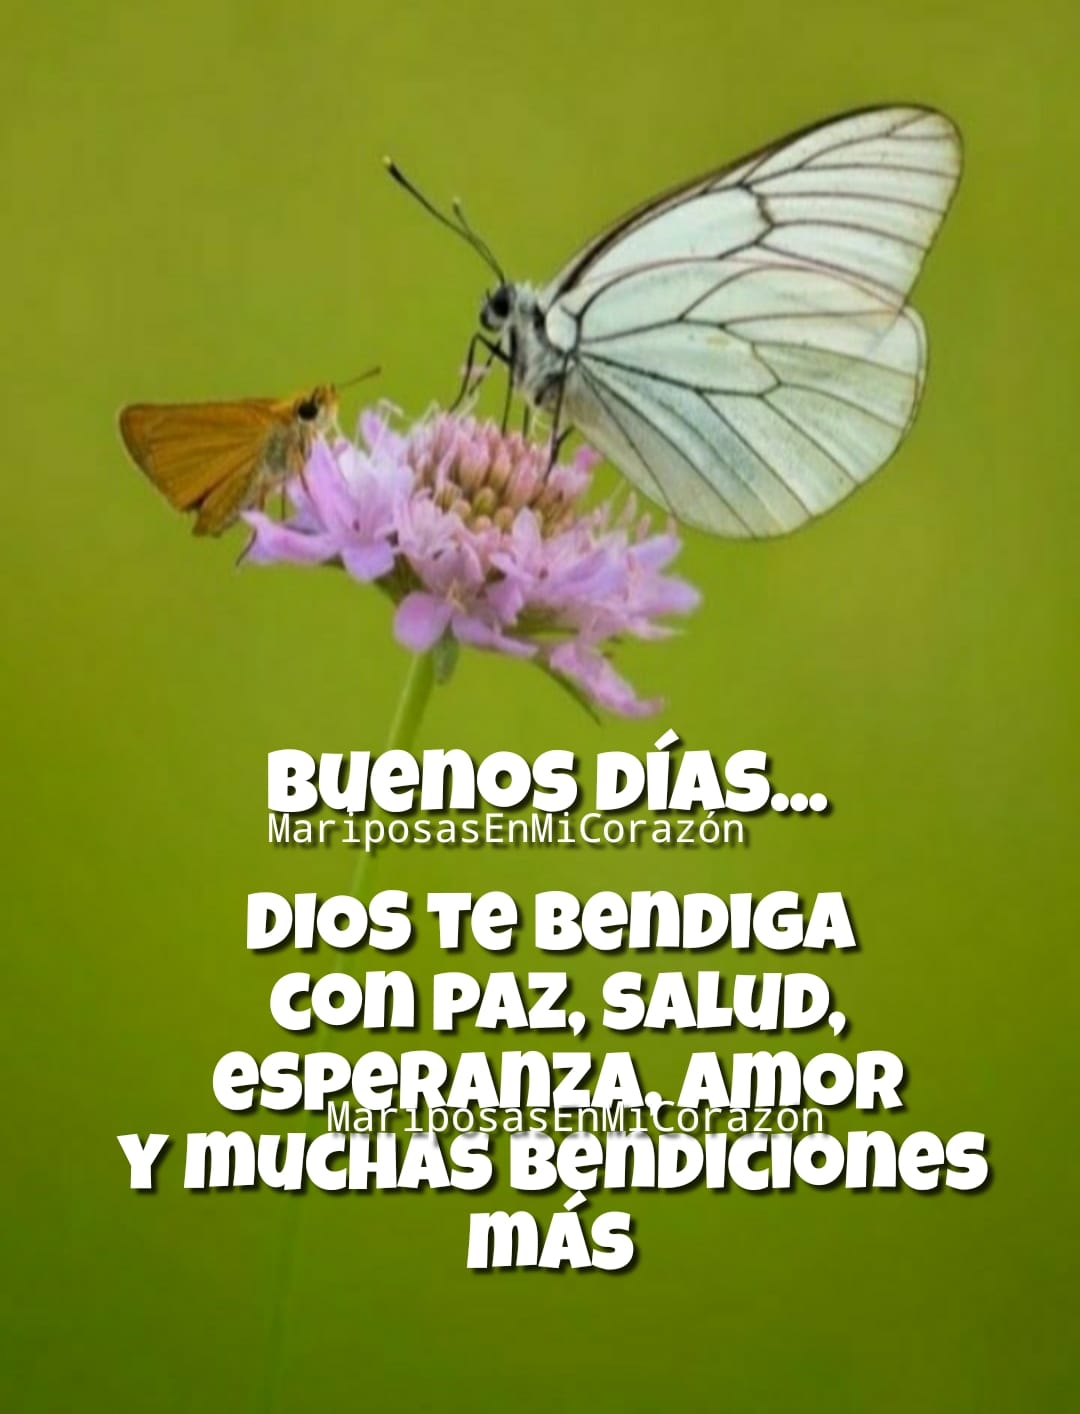 Buenos Días... Dios te bendiga con paz, salud, esperanza, amor y muchas bendiciones más.